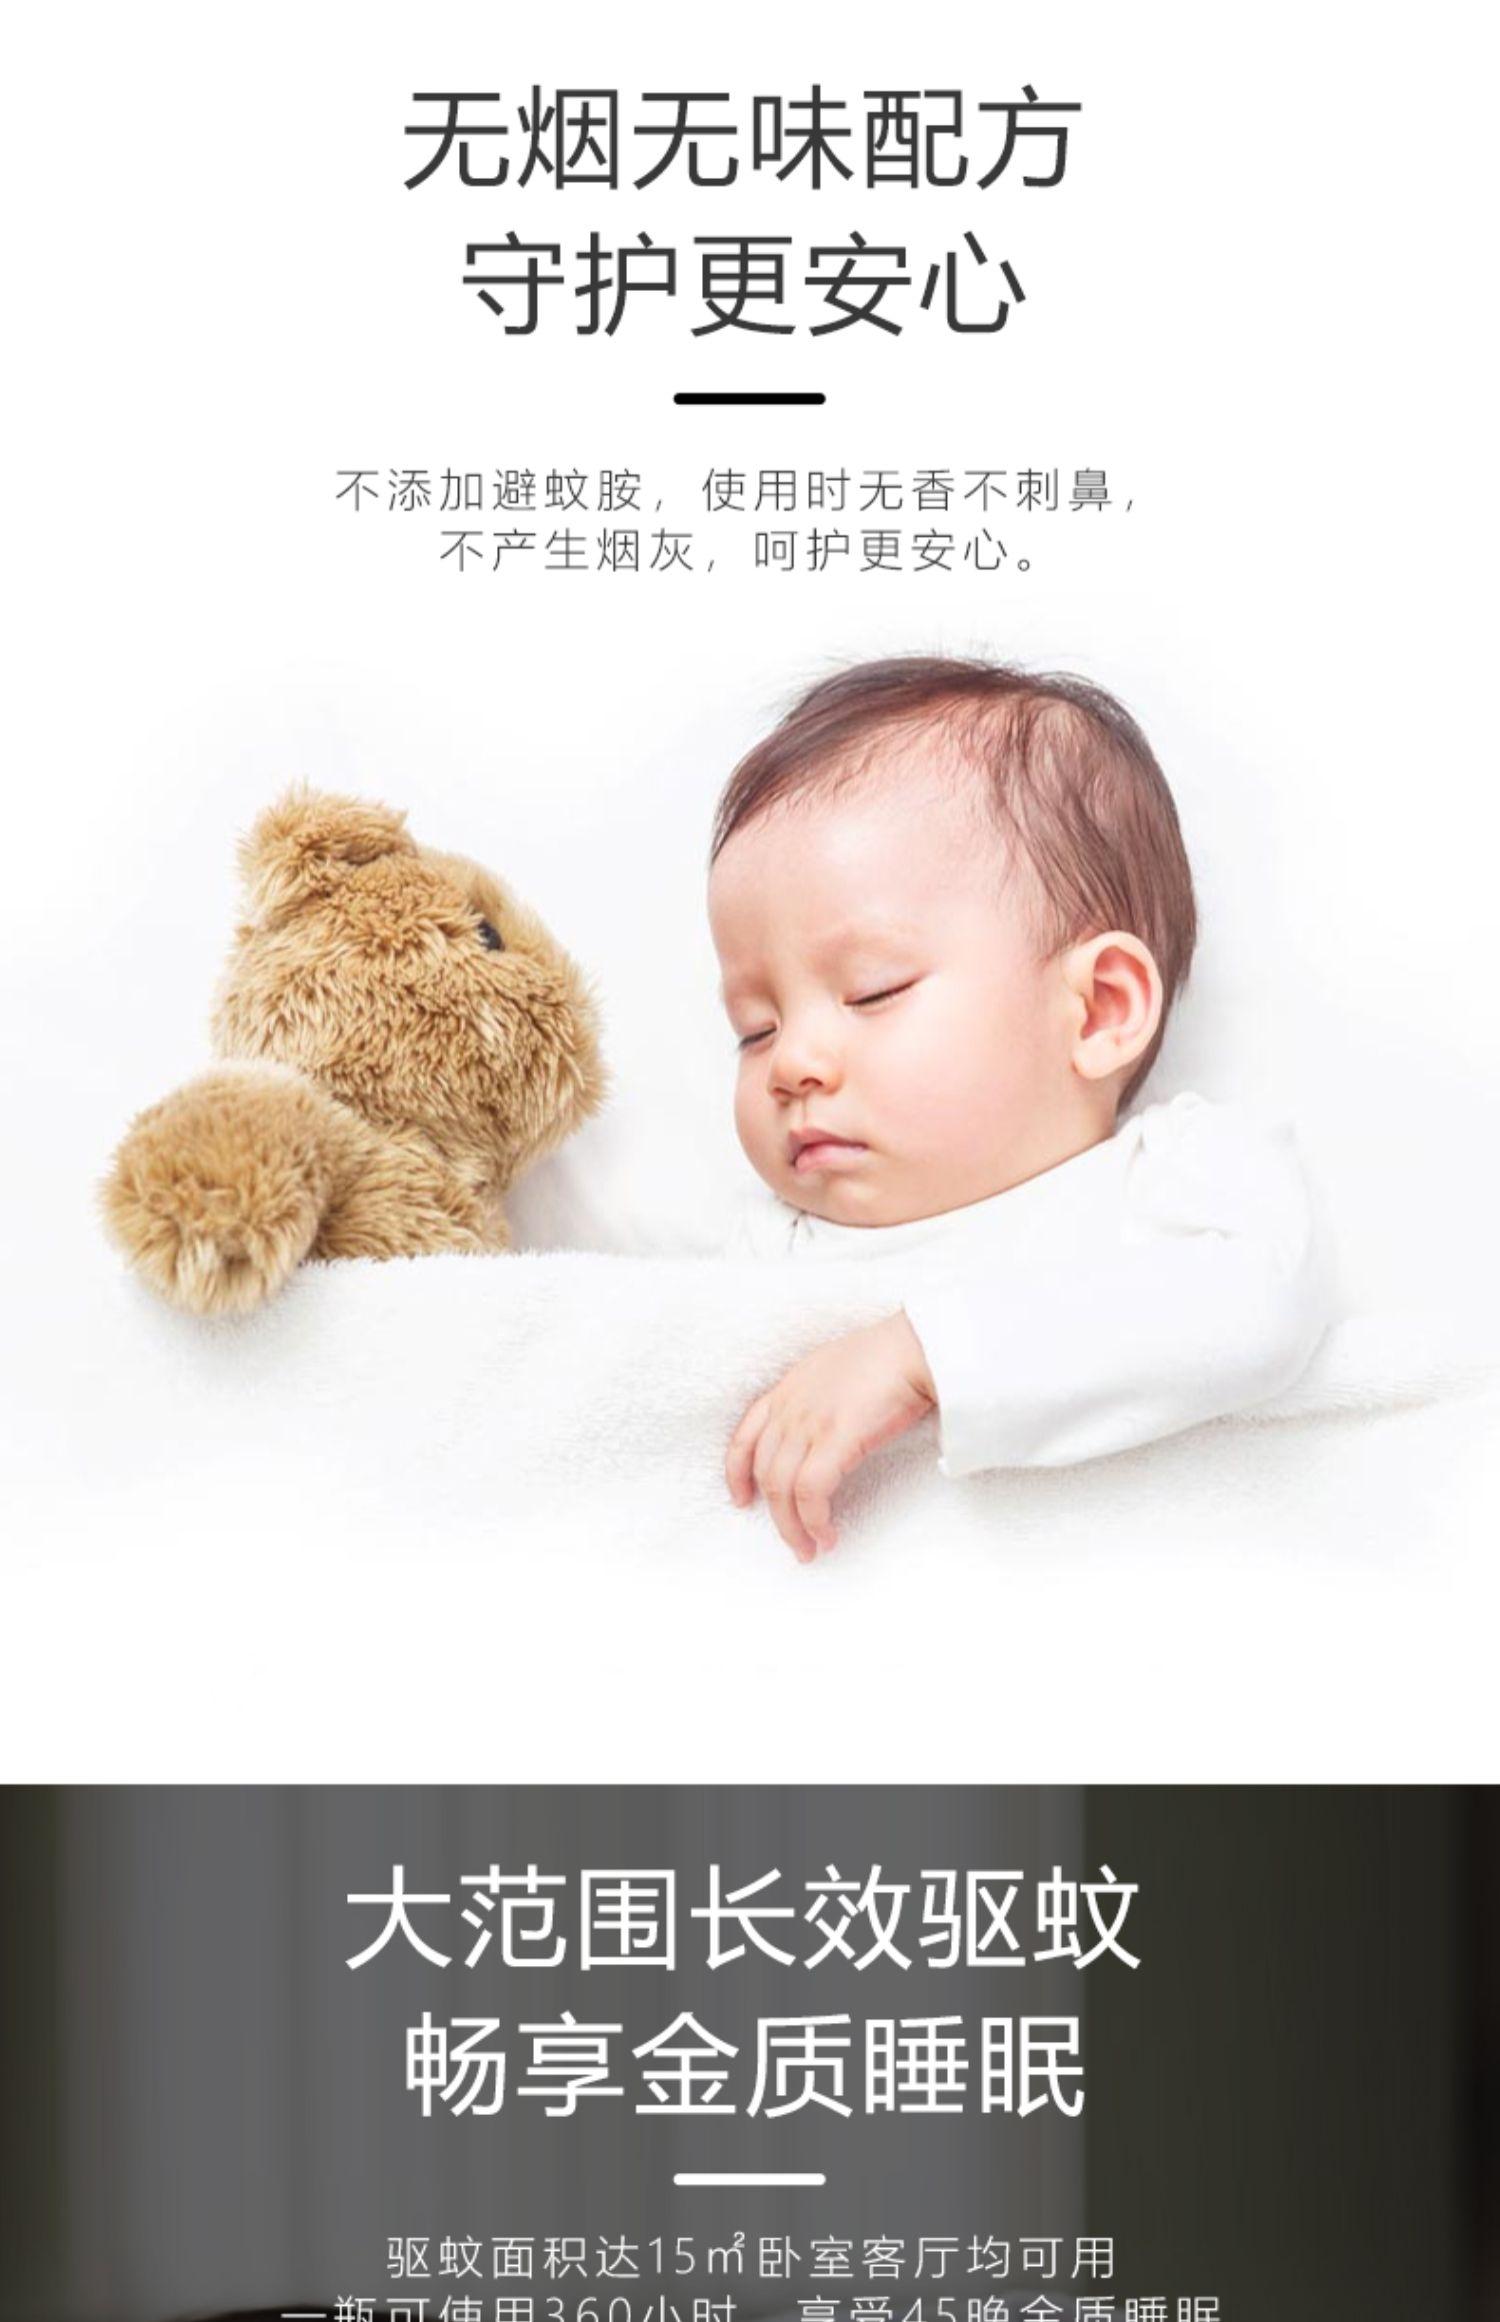 青蛙王子婴儿蚊香液防蚊驱蚊神器3+1